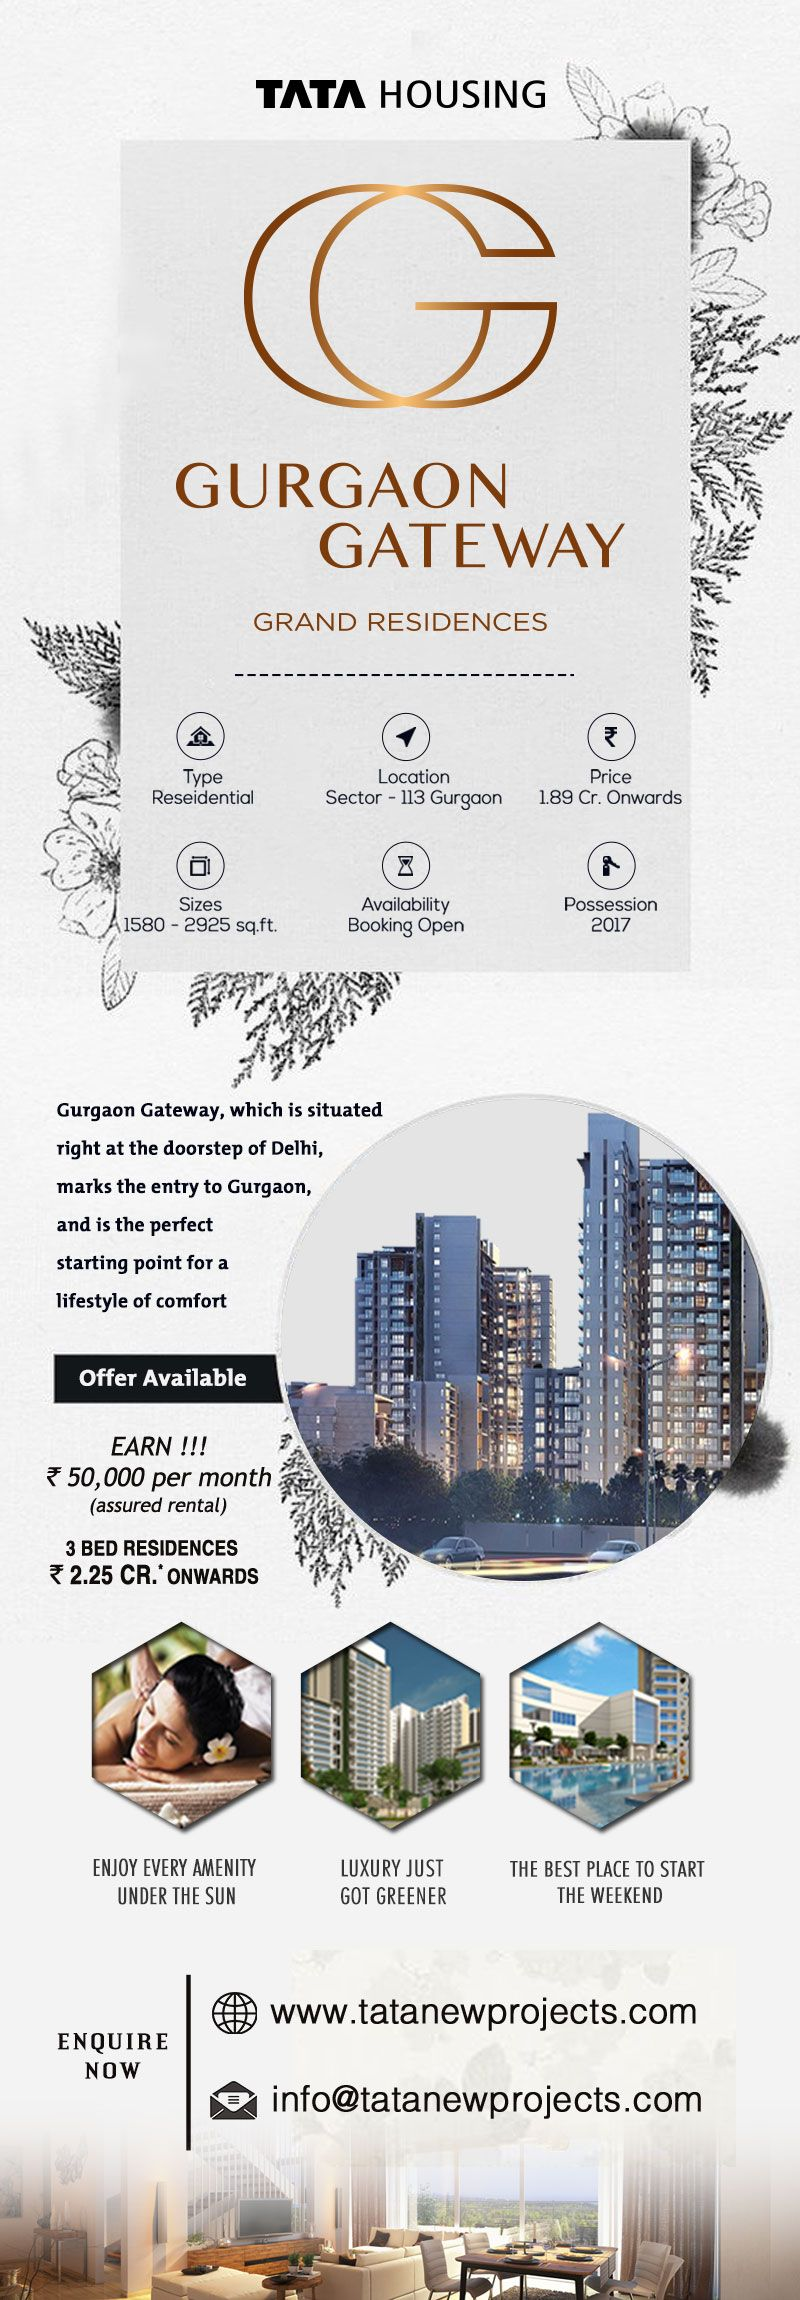 Pin By Tatanewprojects On Tata Gurgaon Gateway Tata Gurgaon Gateway